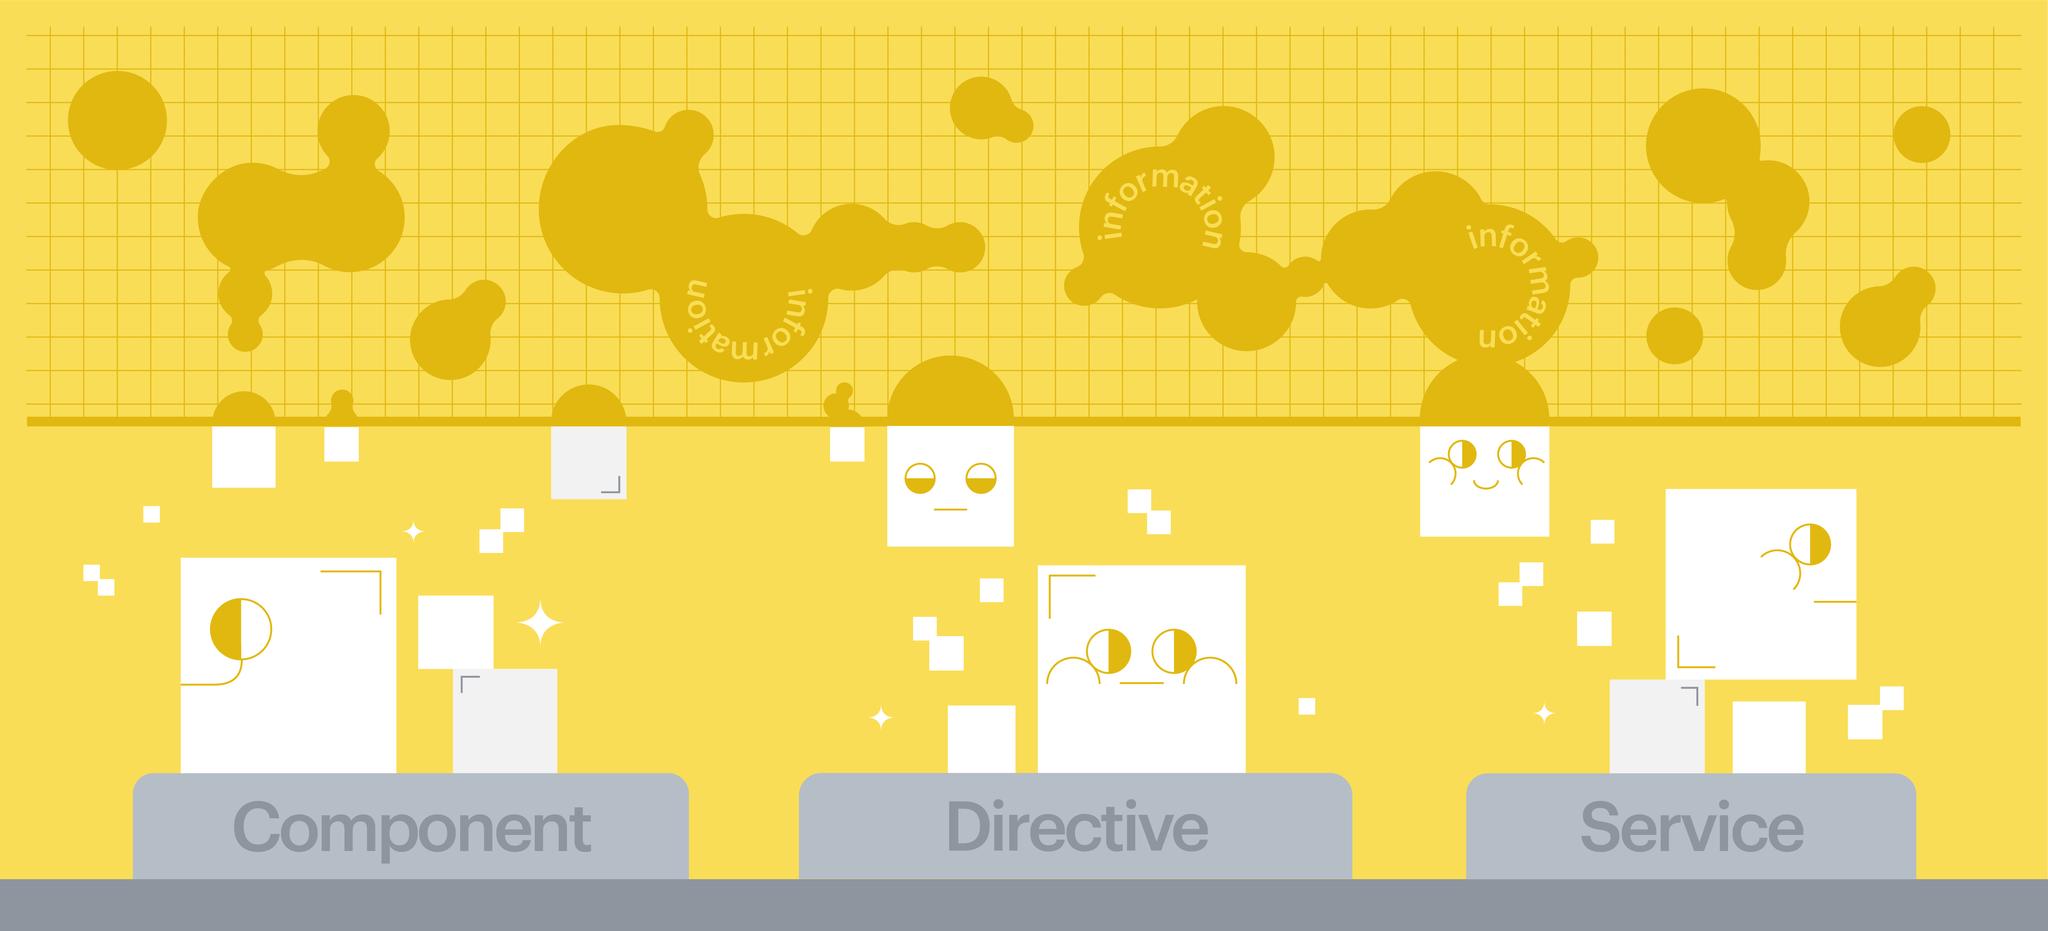 Используем DI в Angular по максимуму — концепция частных провайдеров - 1